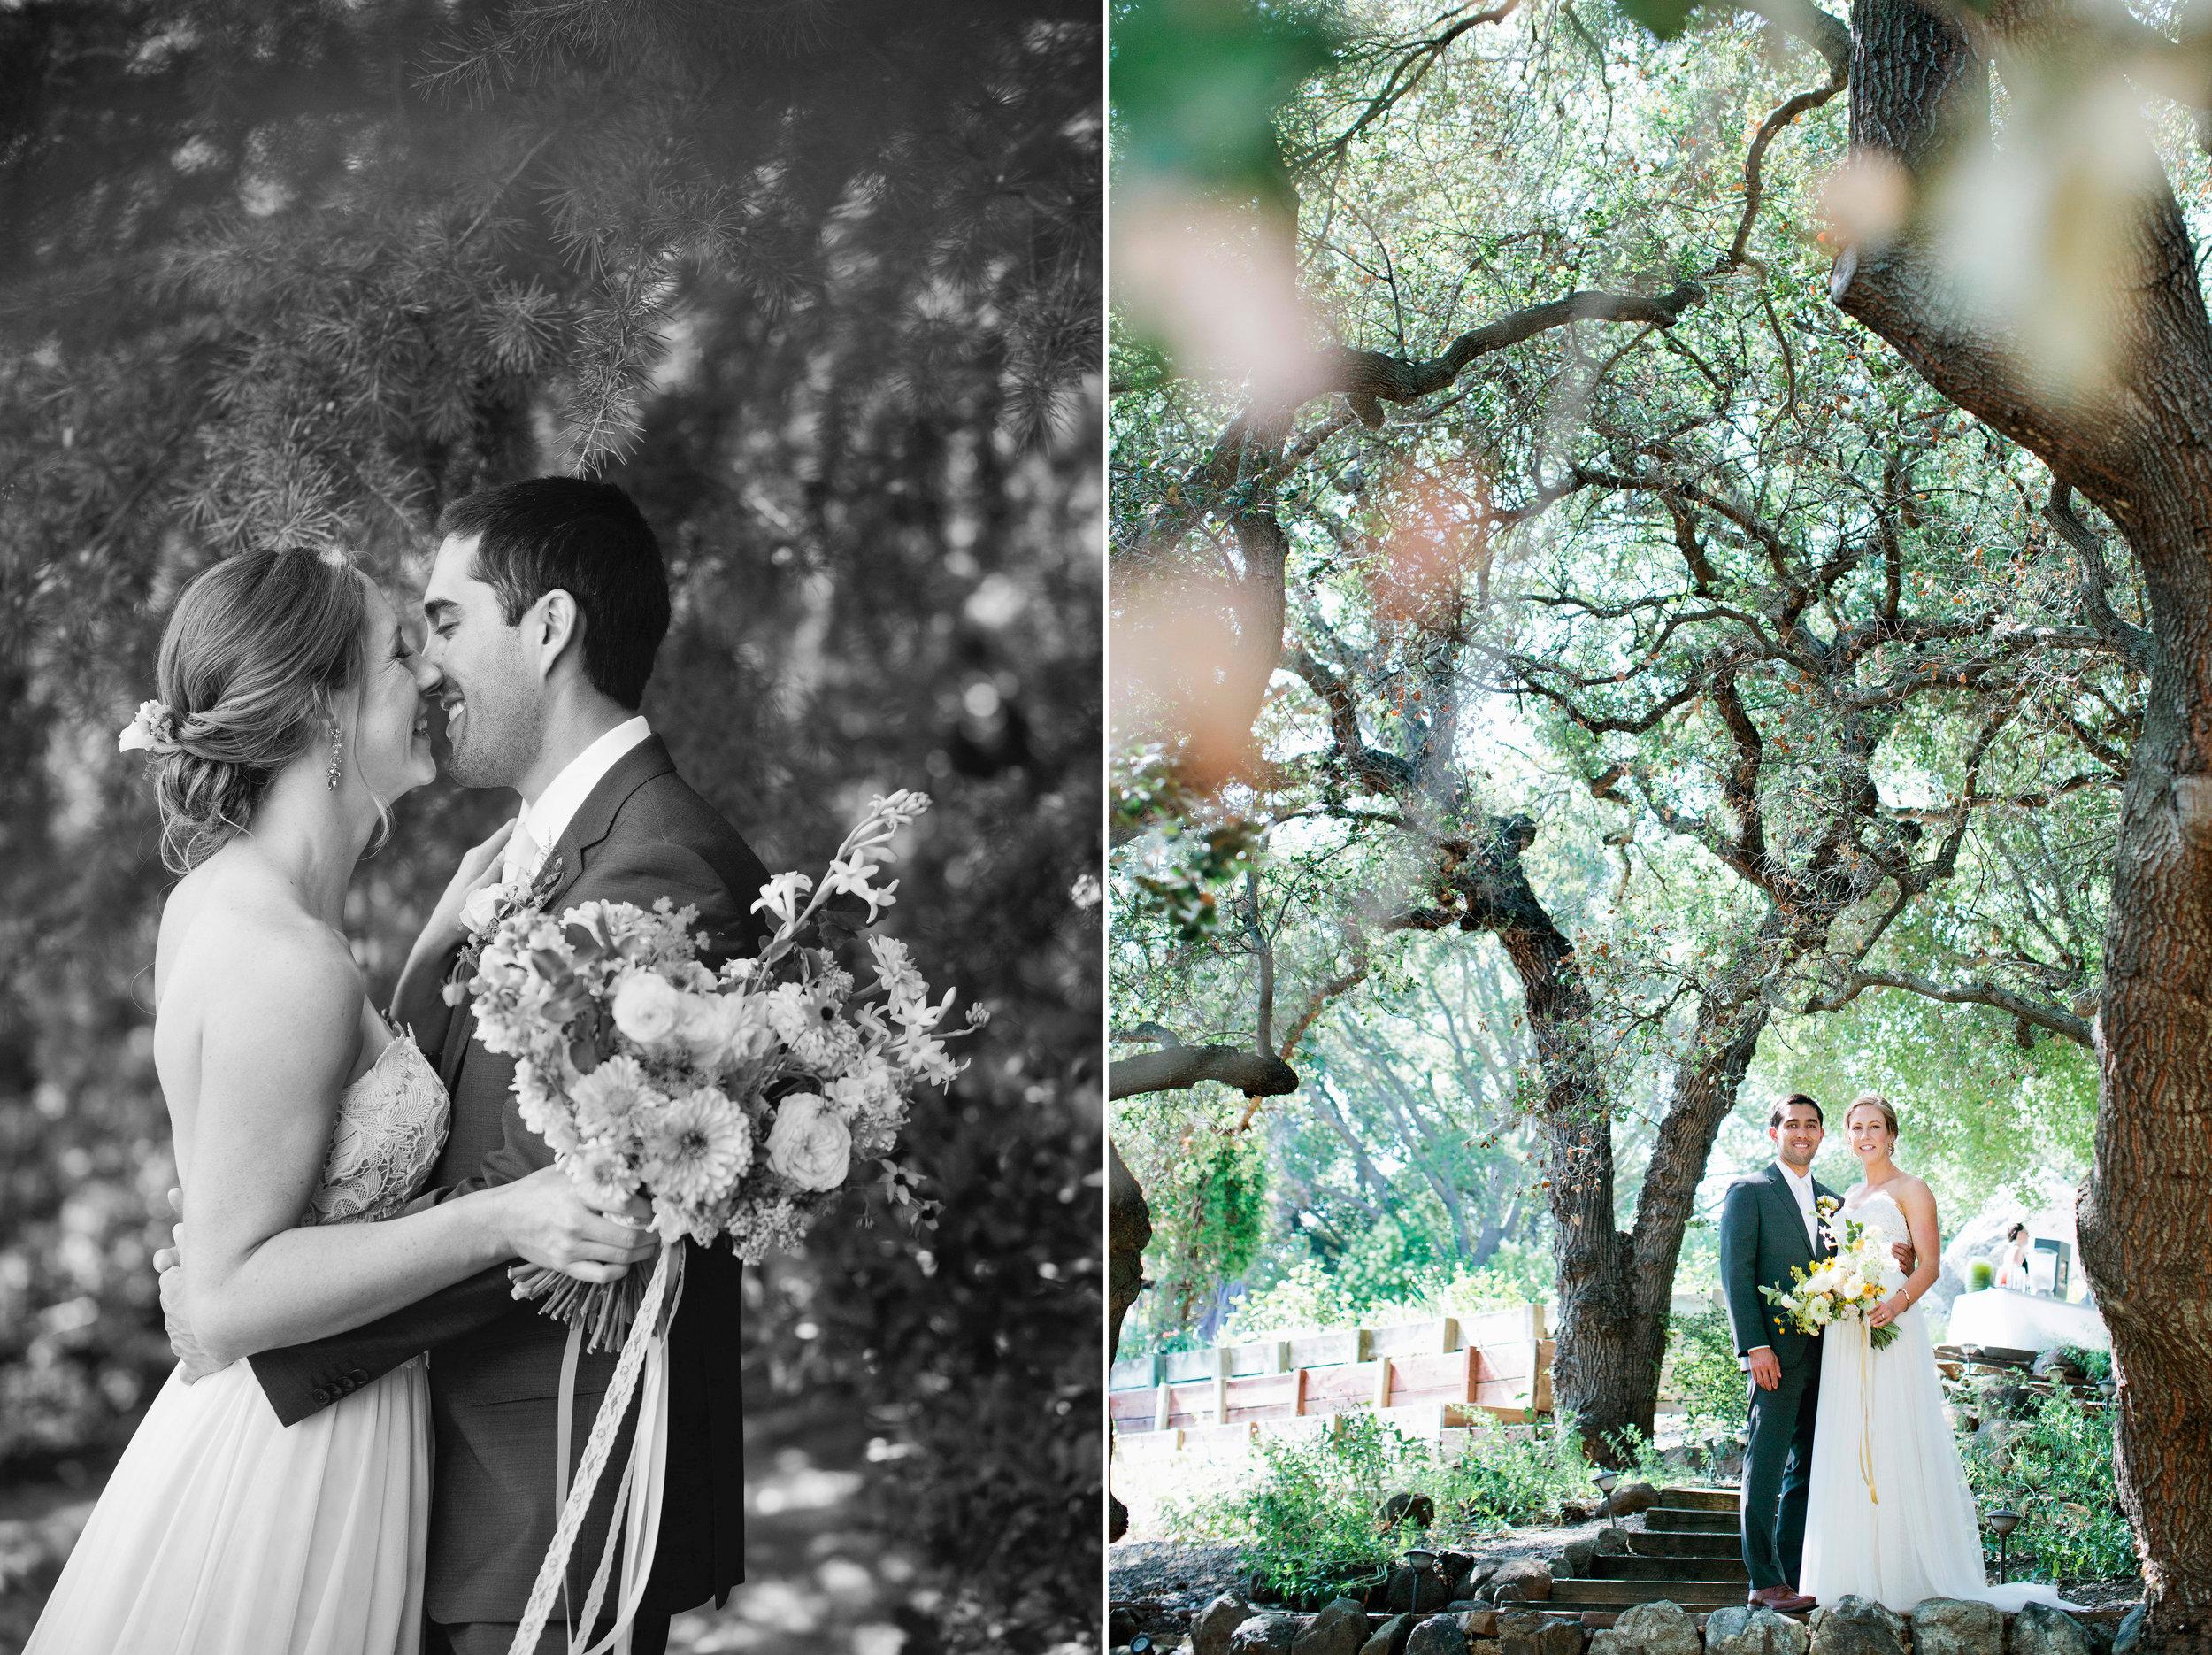 Wedding-Private-Home-South-Bay-24 copy.jpg